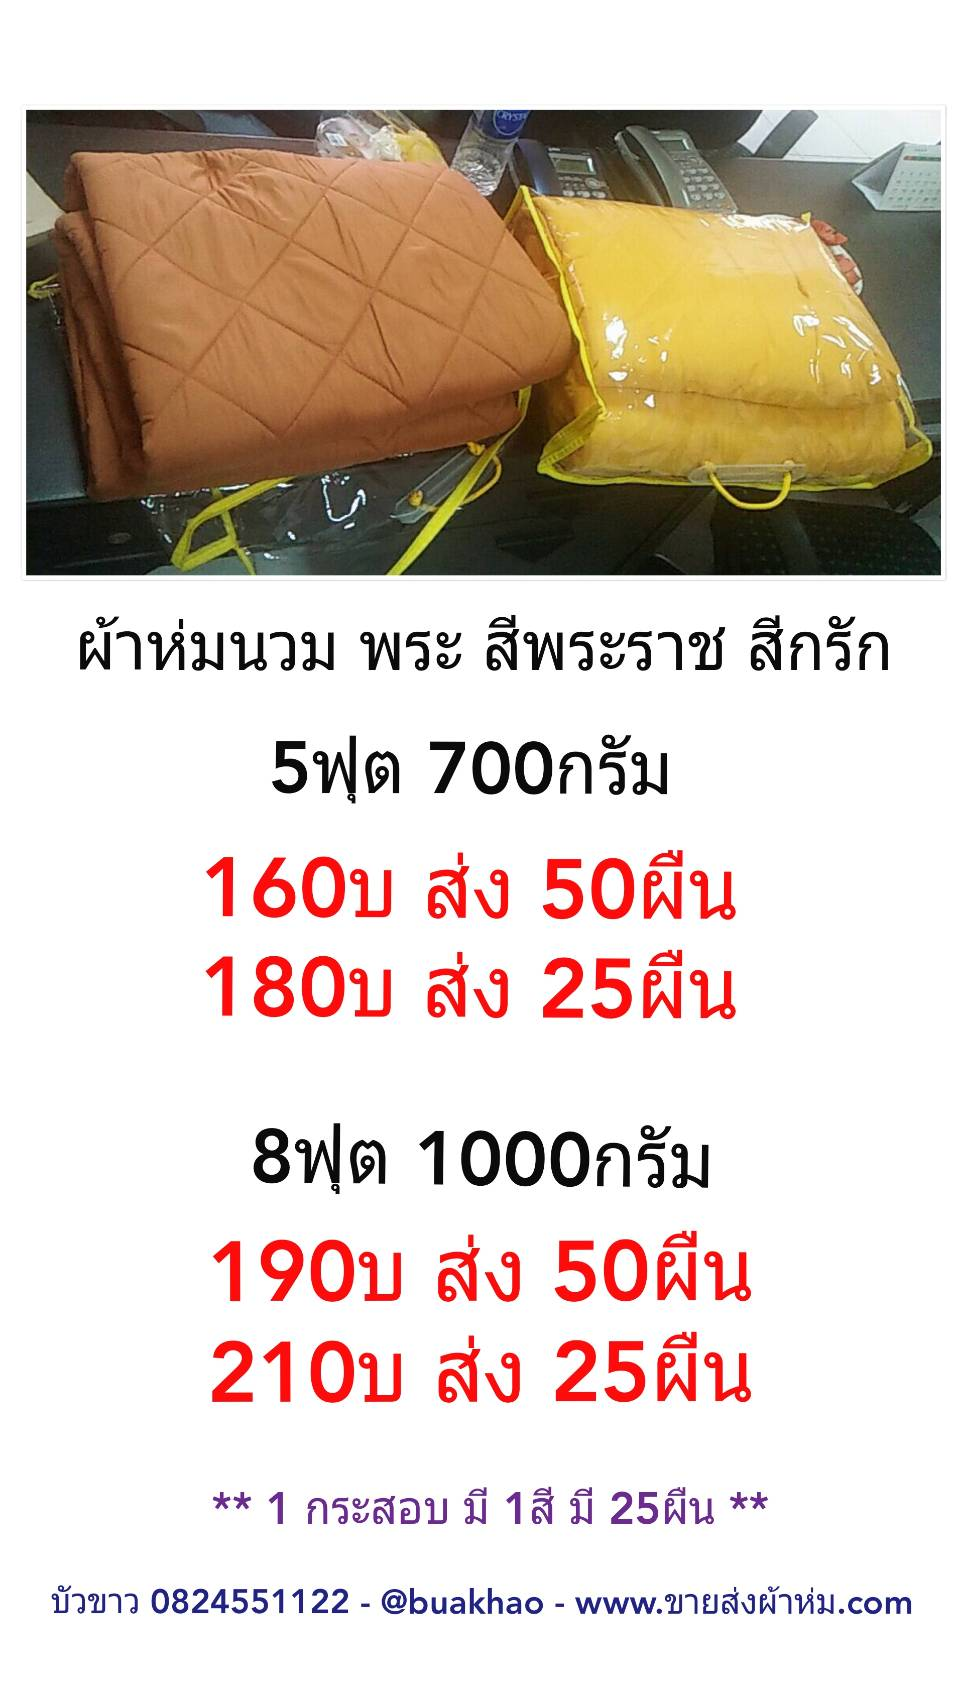 ผ้าห่มนวม พระ สีเหลือง / สีกรัก 8ฟุต 1000กรัม ผืนละ 190บ ส่ง 50ผืน